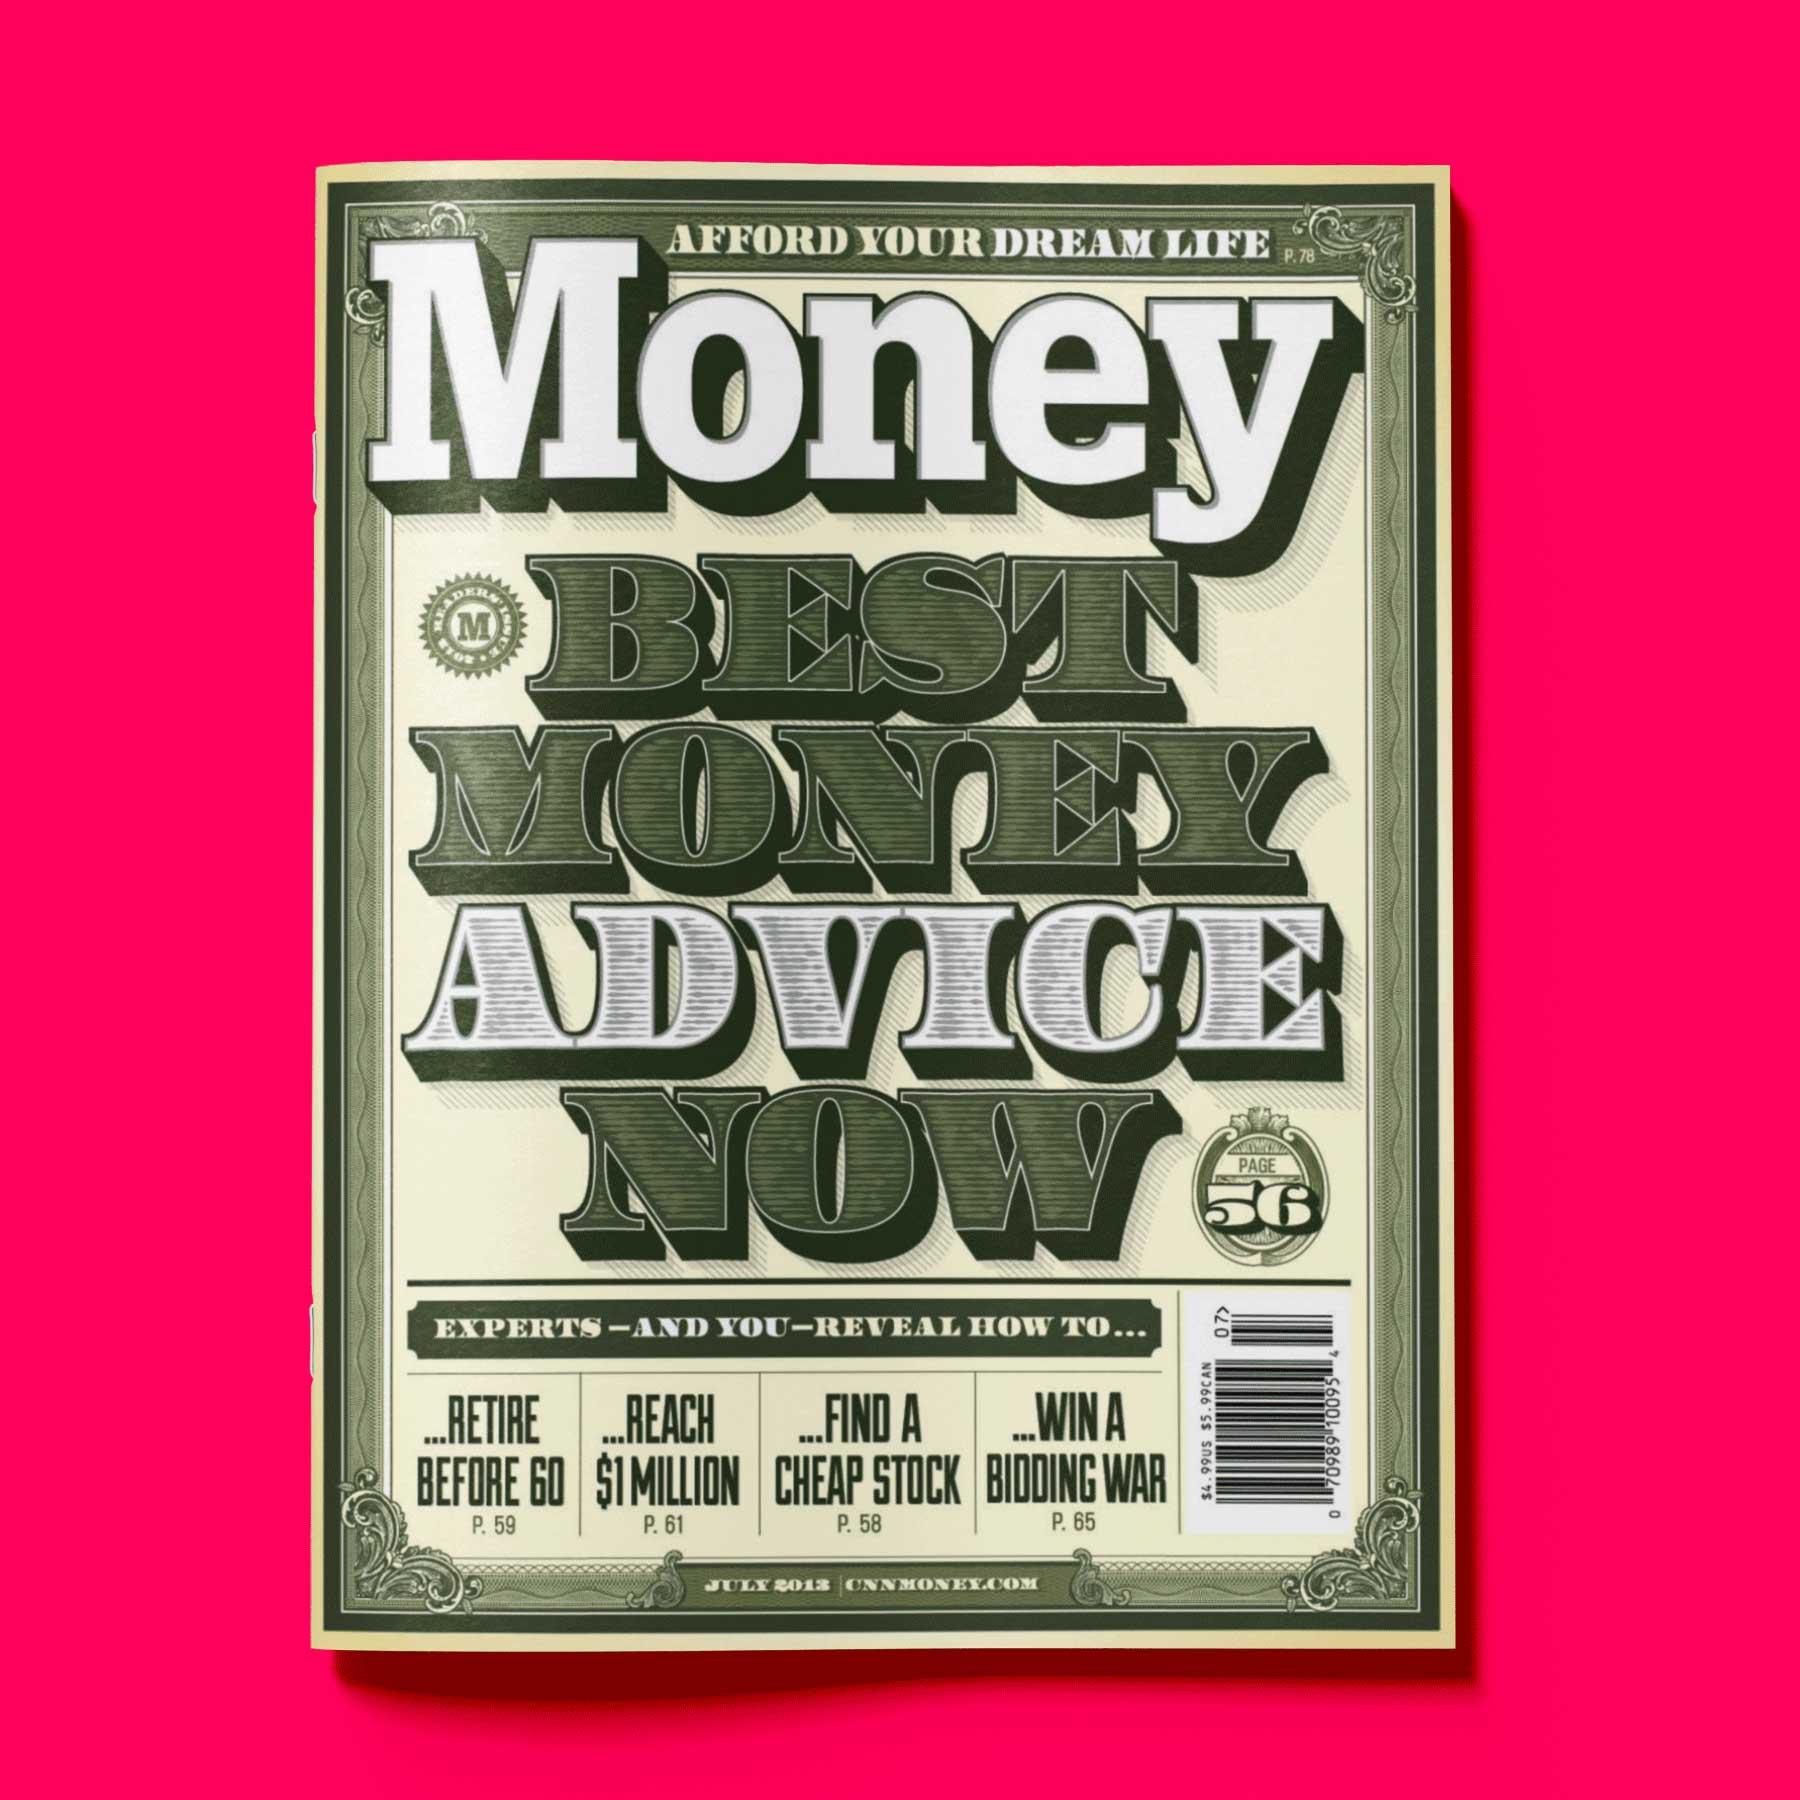 moneycover_advice.jpg